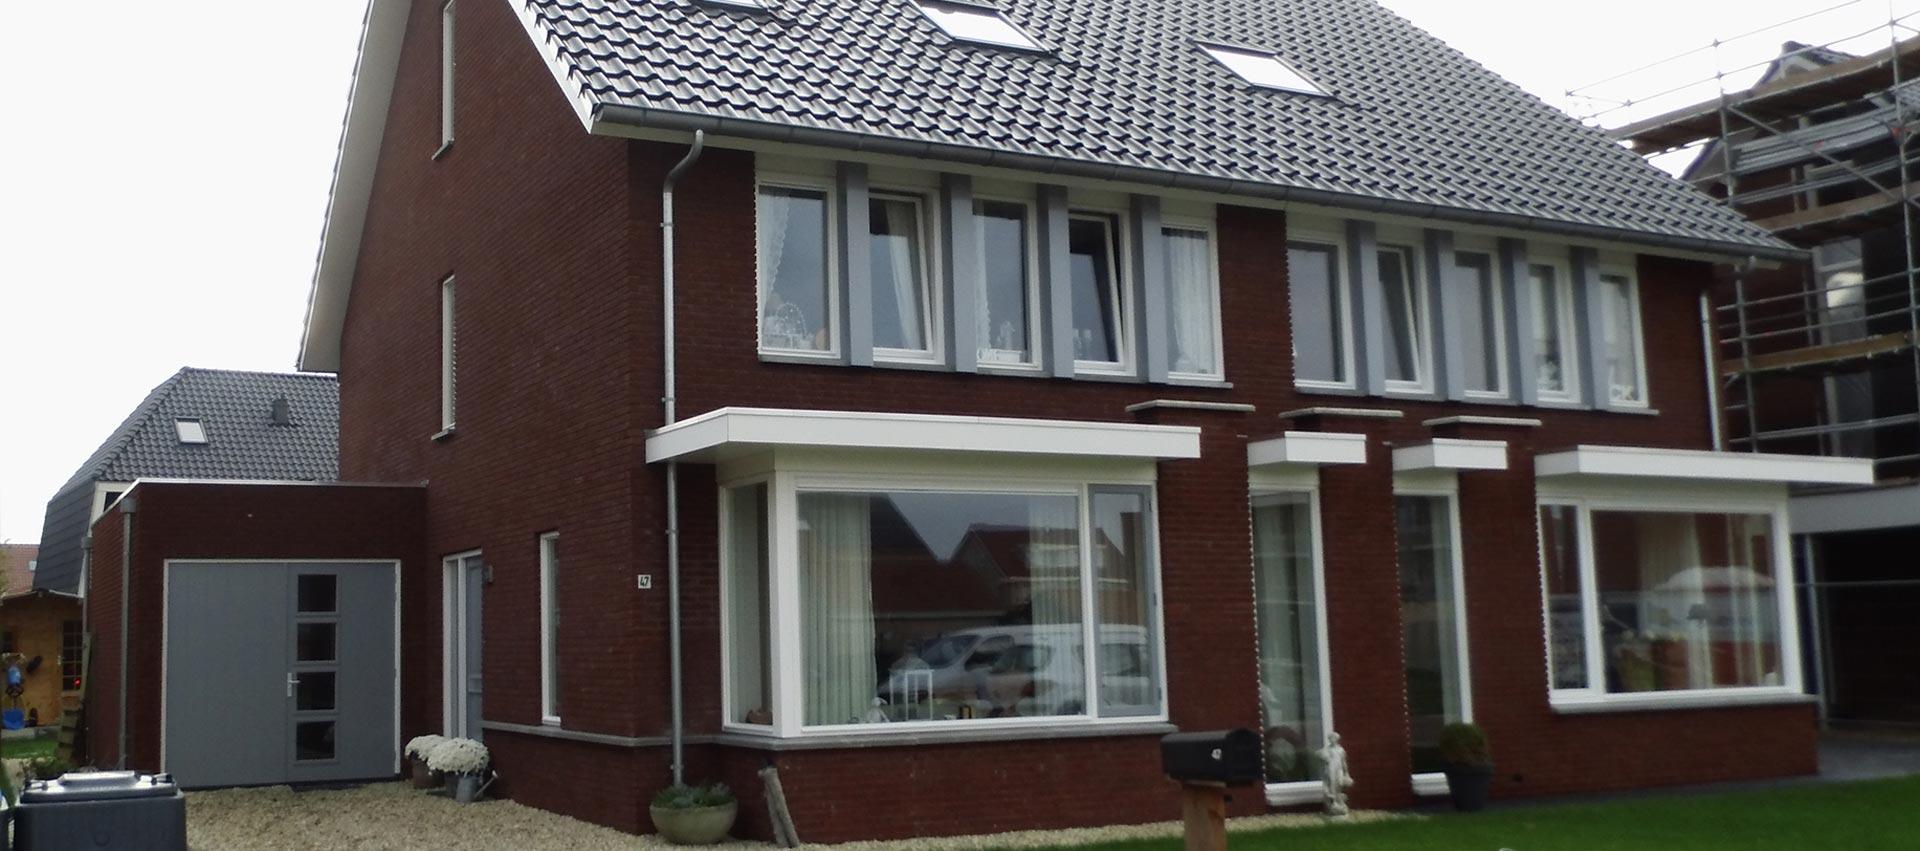 Bouwen van 2 onder 1 kap woning in Doornspijk door aannemersbedrijf Wielink